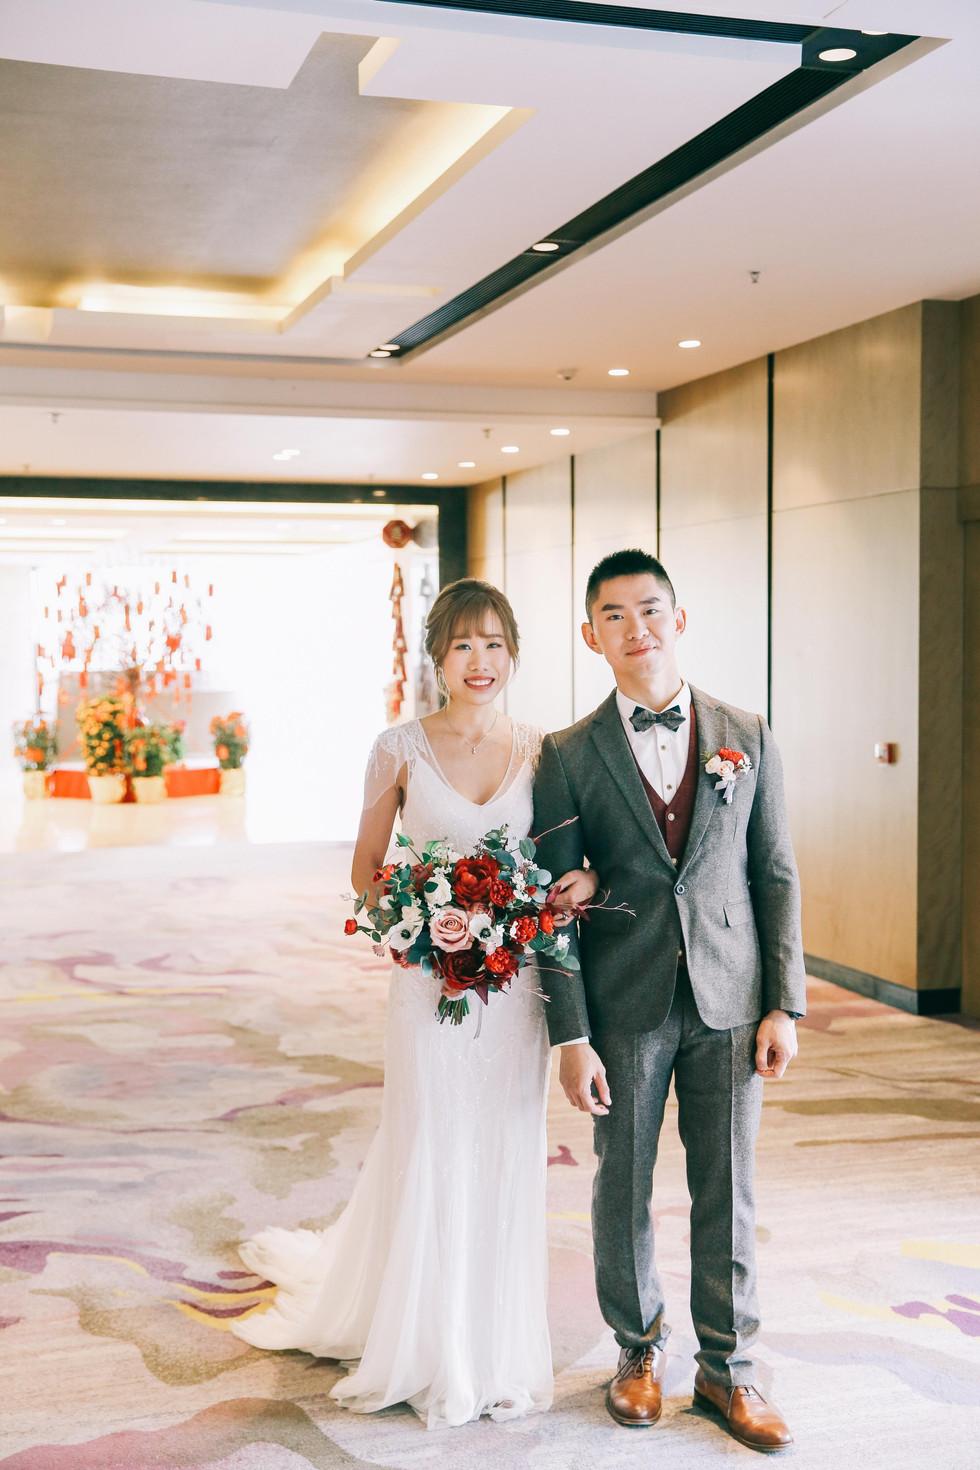 Ching & Shan Heng - Feb 2018